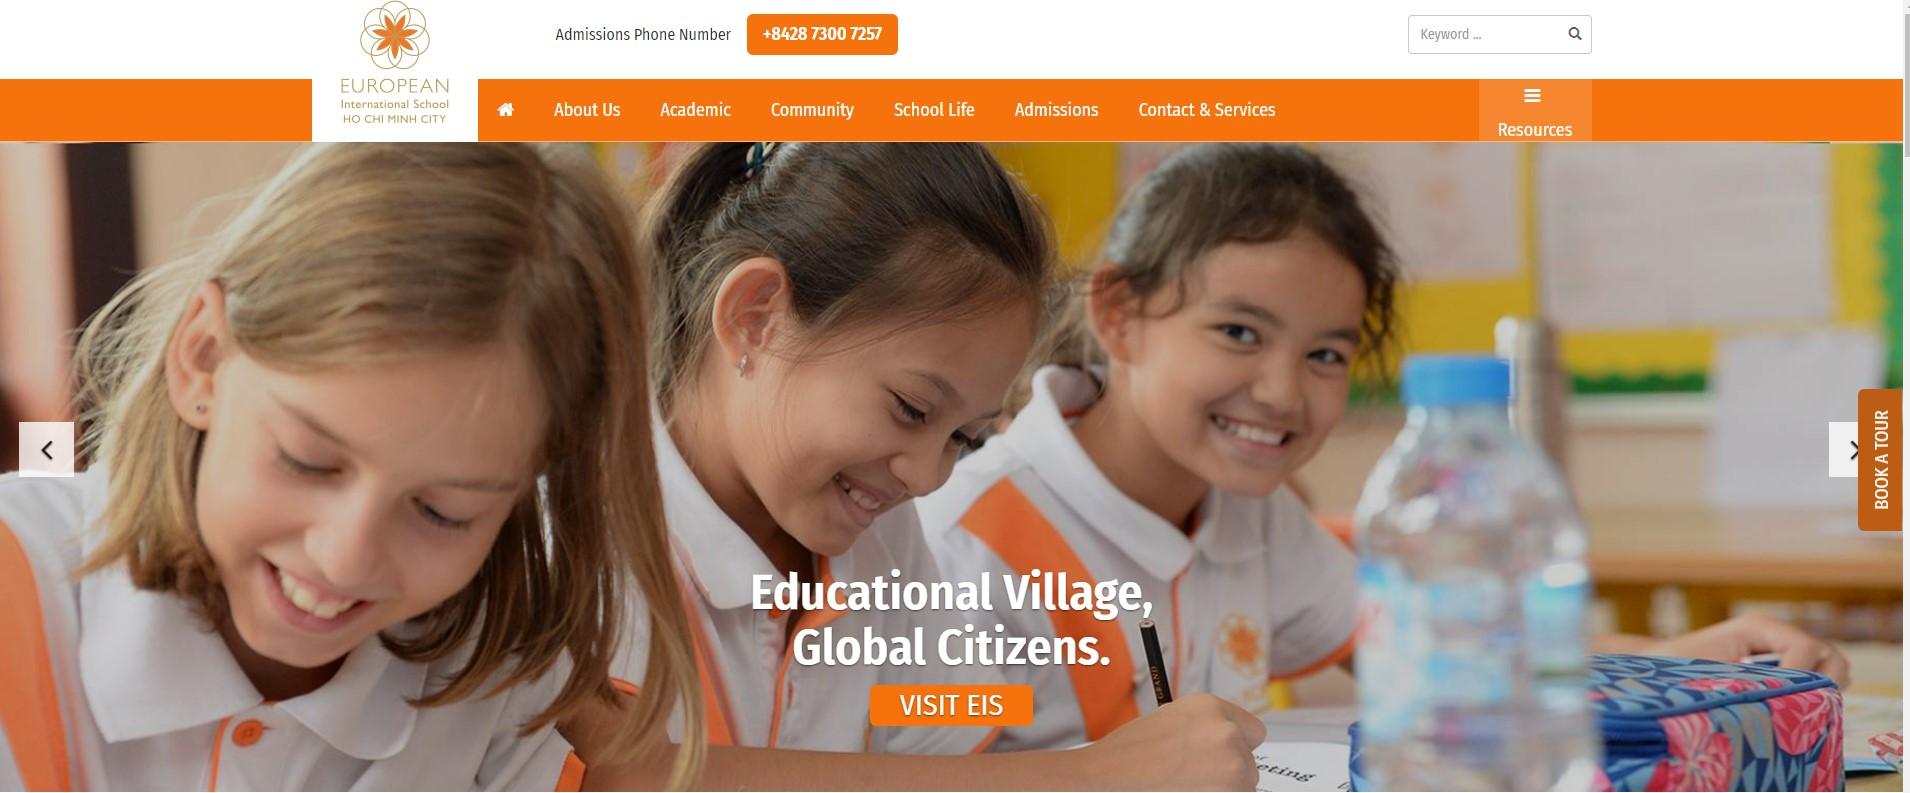 Thông tin tổng quan, khó khăn và kết quả đạt được của dự án European International School HCM